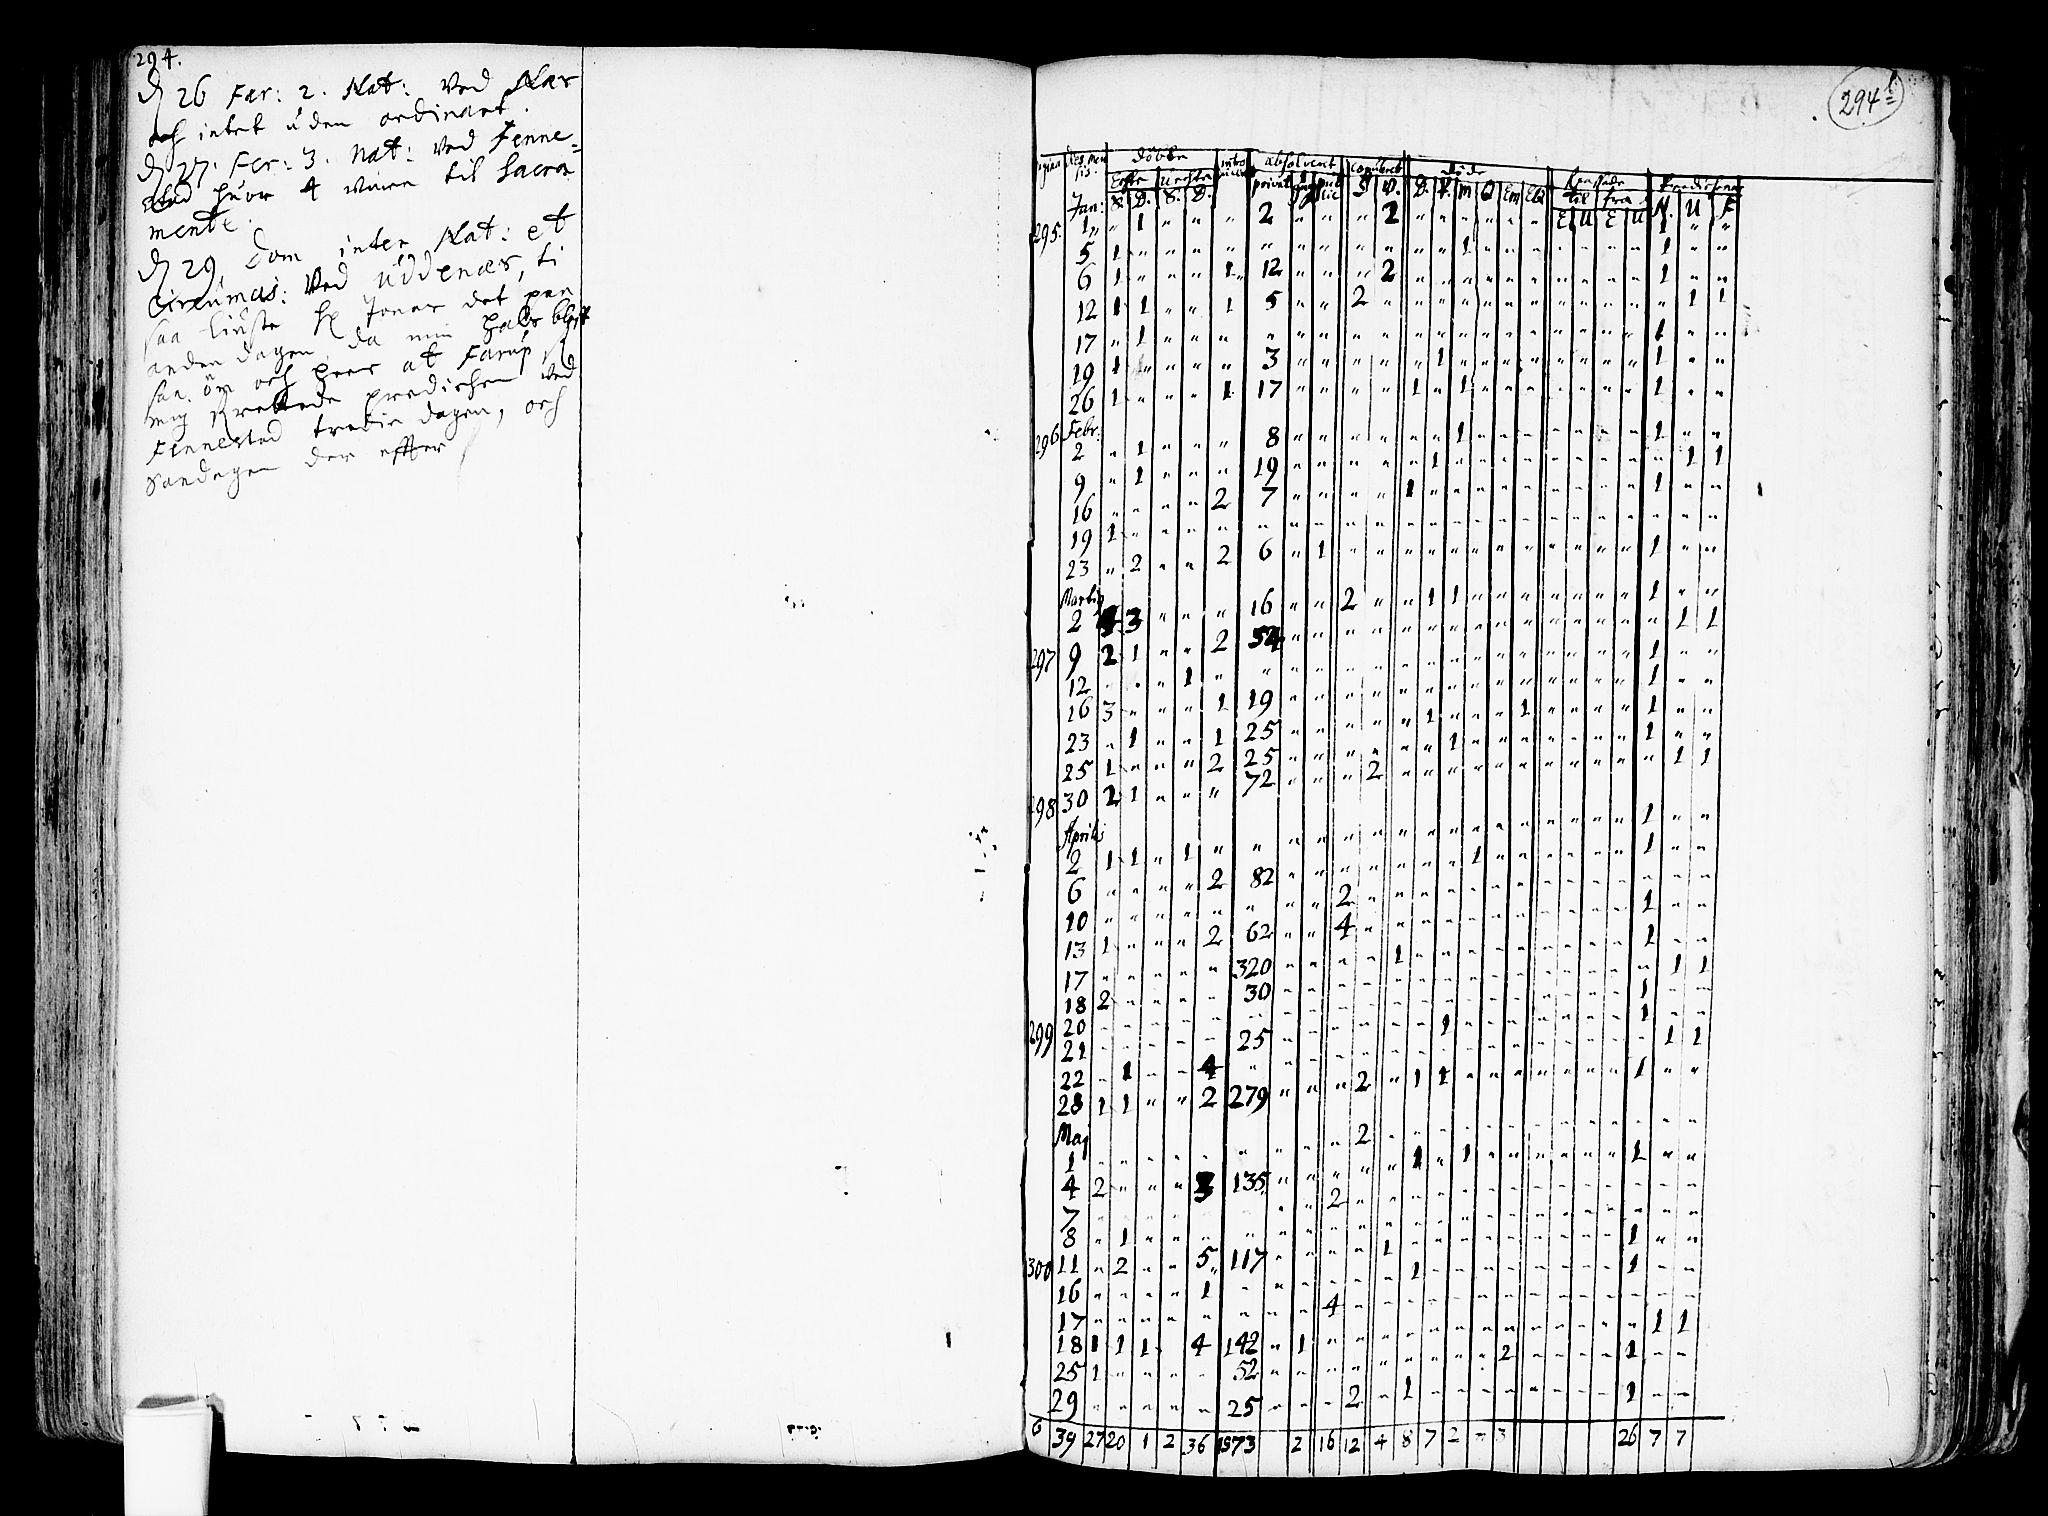 SAO, Nes prestekontor Kirkebøker, F/Fa/L0001: Ministerialbok nr. I 1, 1689-1716, s. 294a-294b